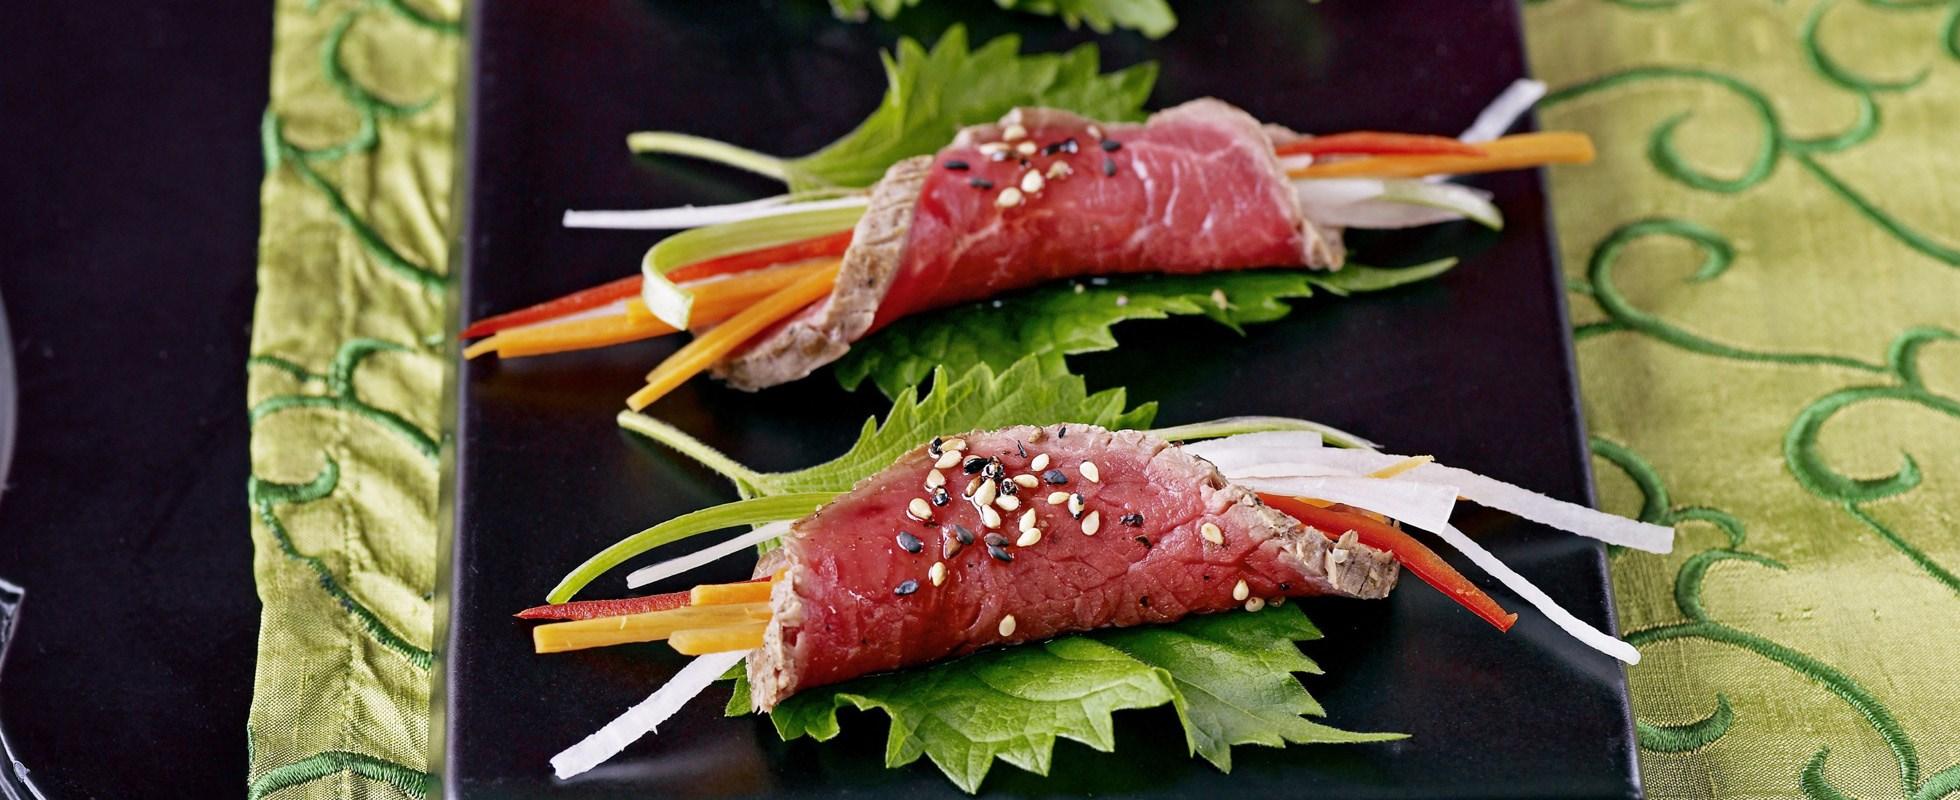 Beef tataki rolls